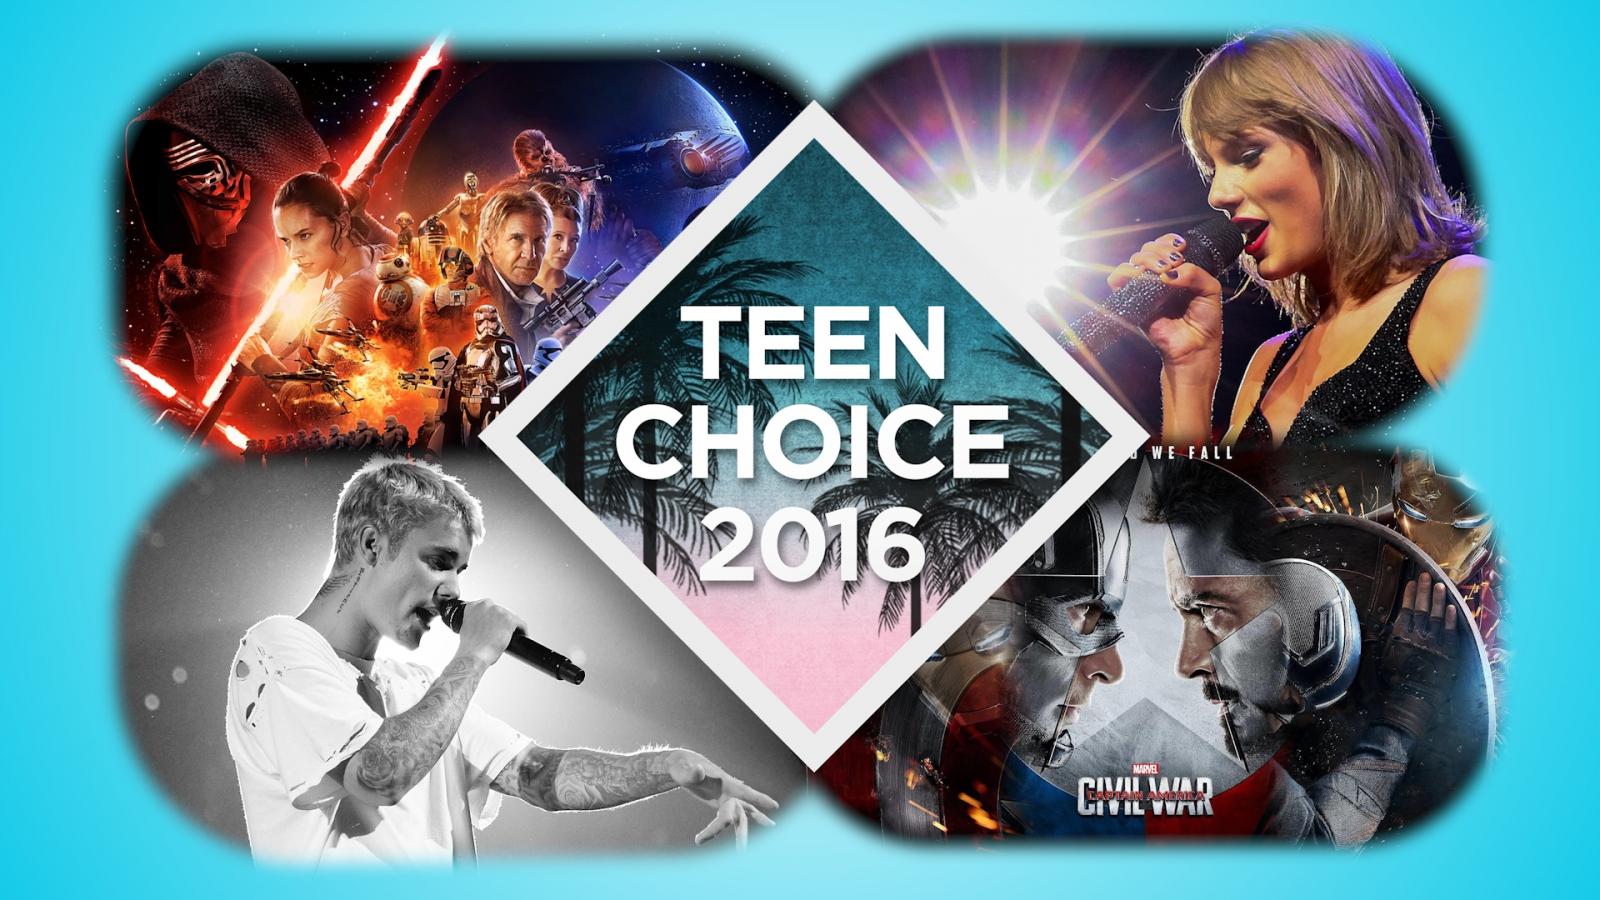 Teen Choice Awards 2016